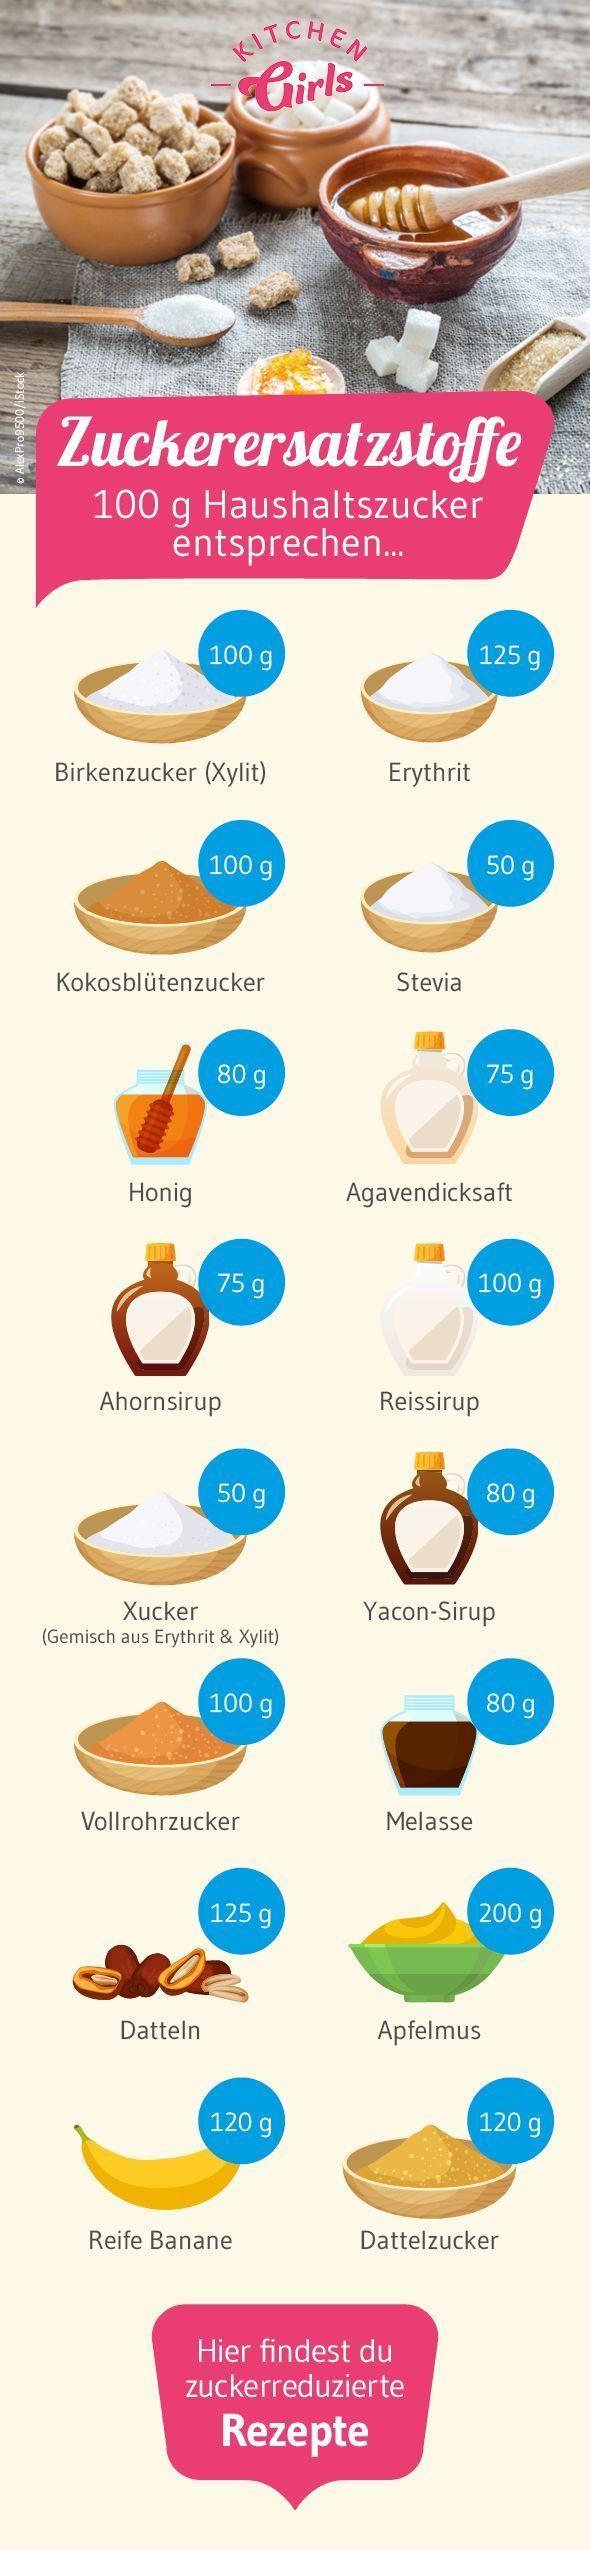 Welchen Ersatz für Zucker gibt es und wie kann man Zucker gegen Xylit, Erythrit